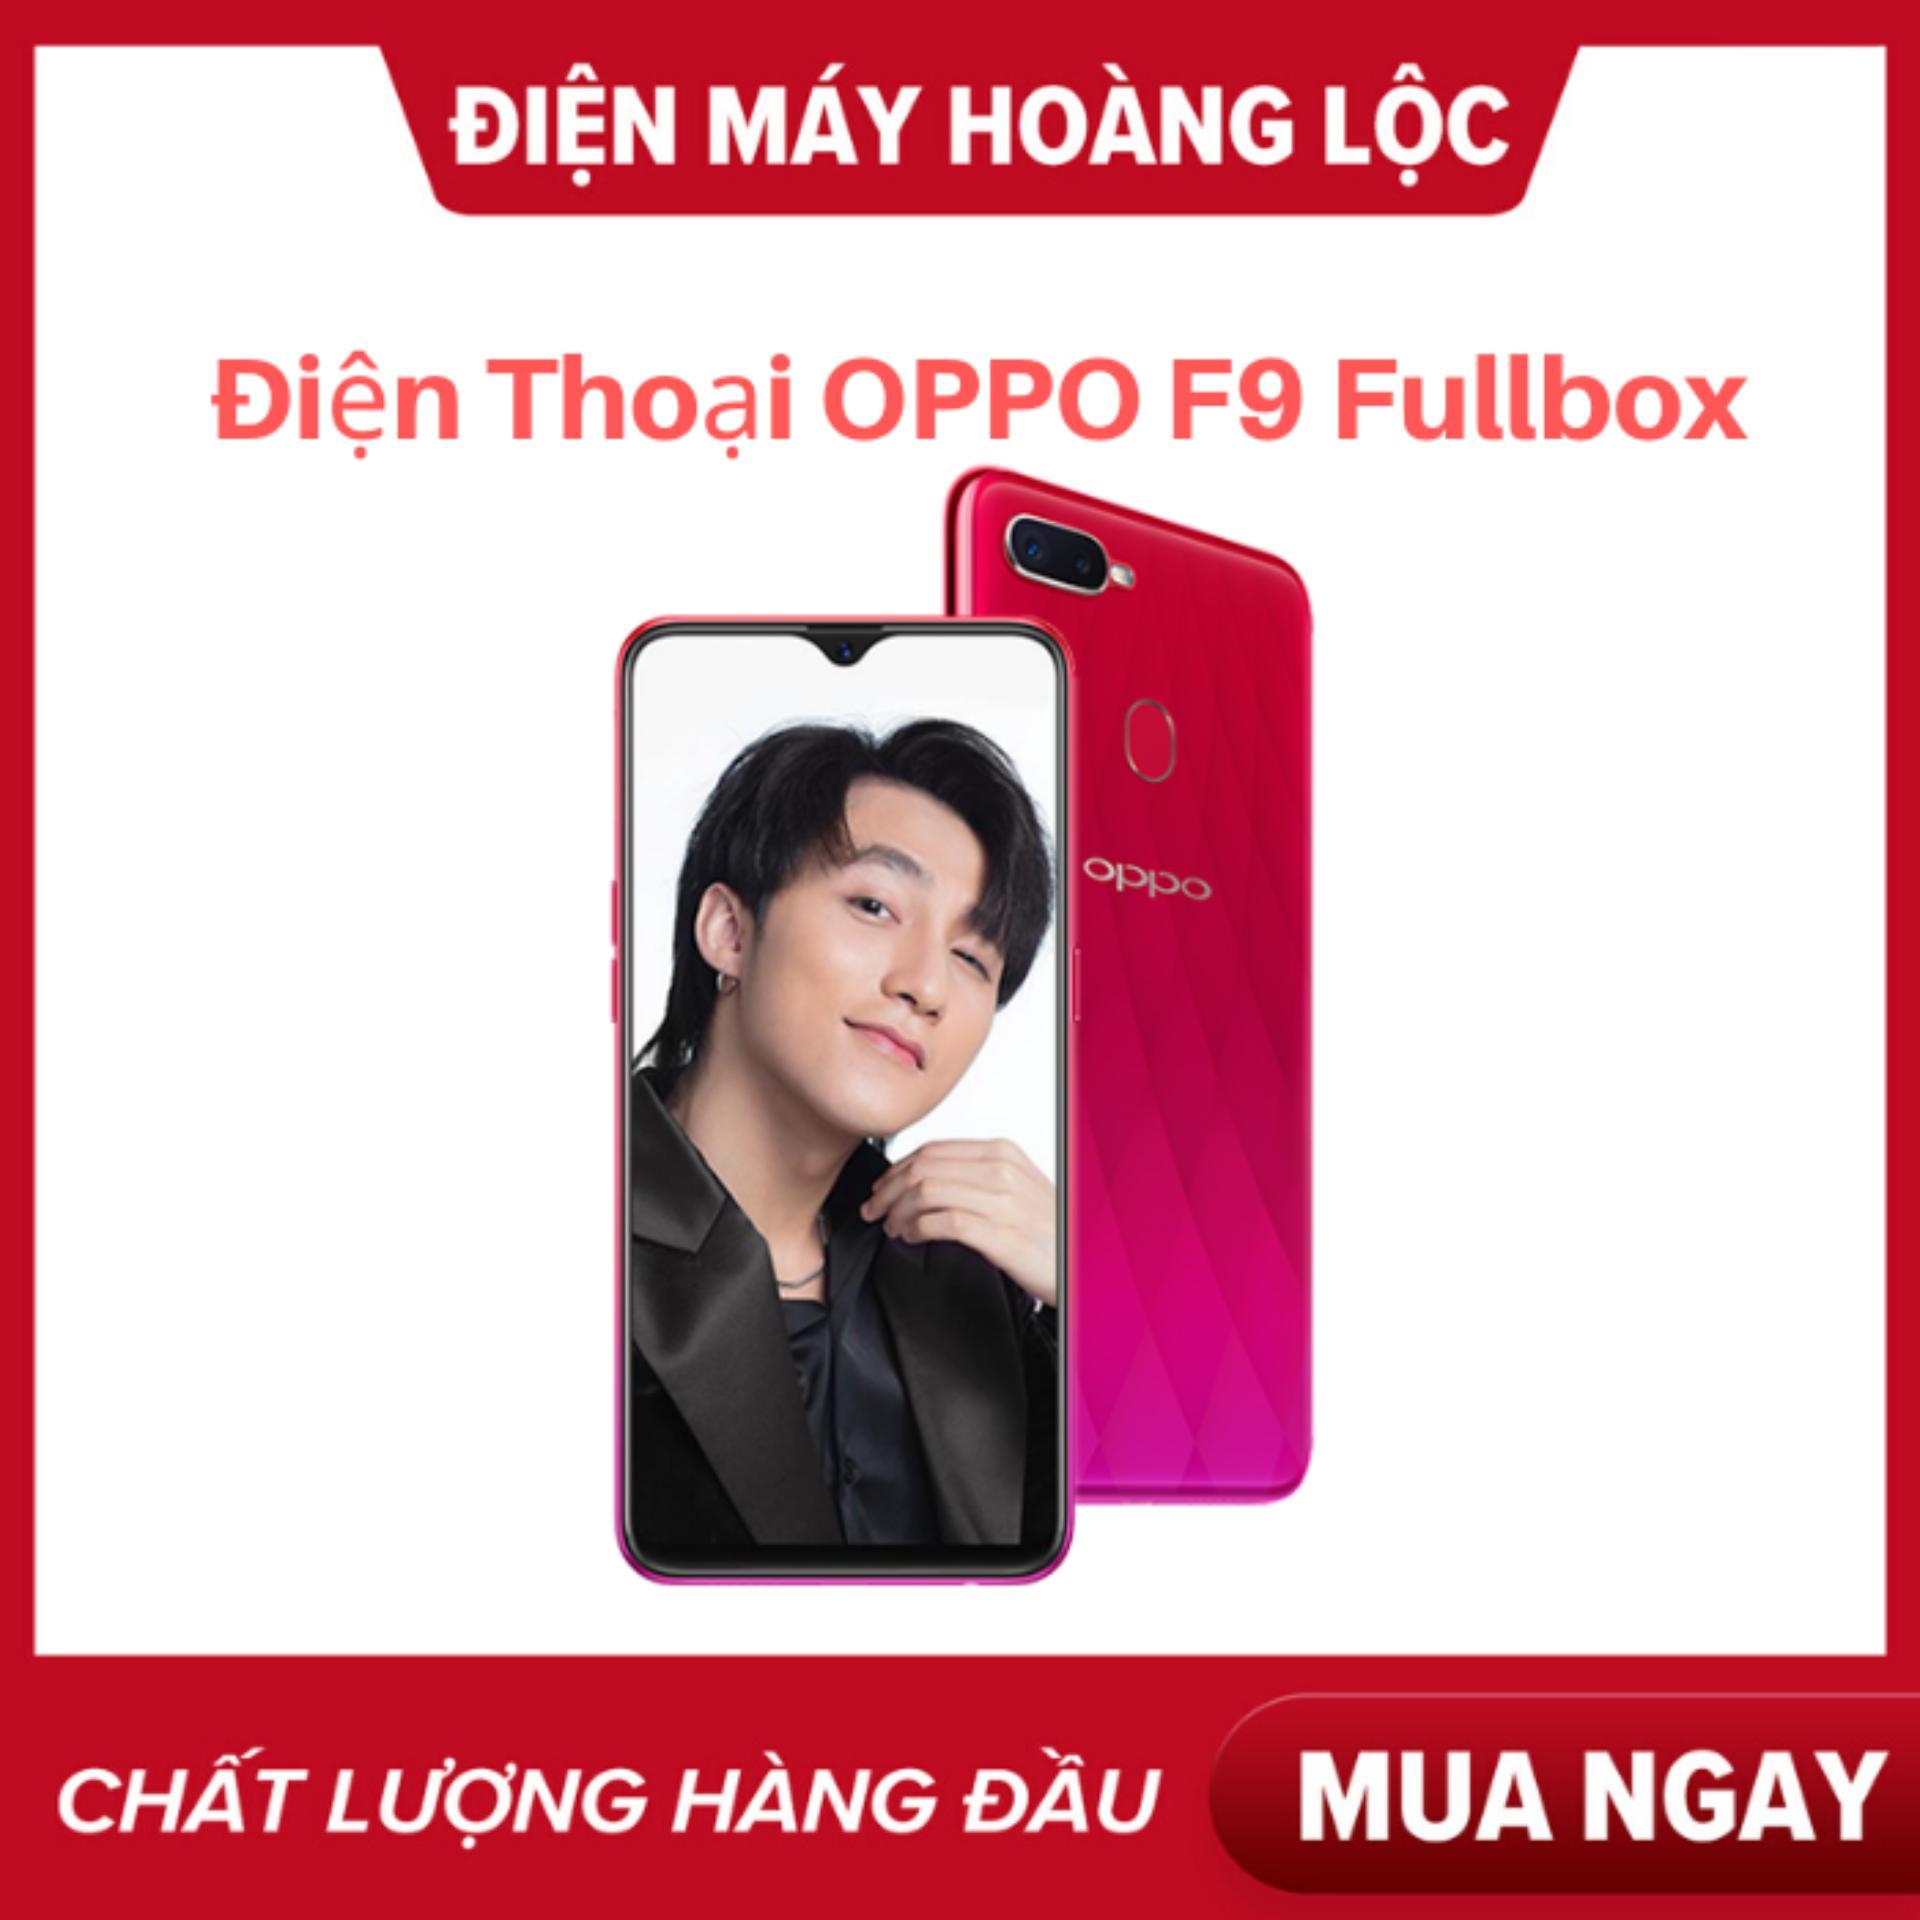 Điện thoại OPPO F9 2sim ram 4G bộ nhớ 64G Fullbox - Siêu phẩm màn hình Giọt nước